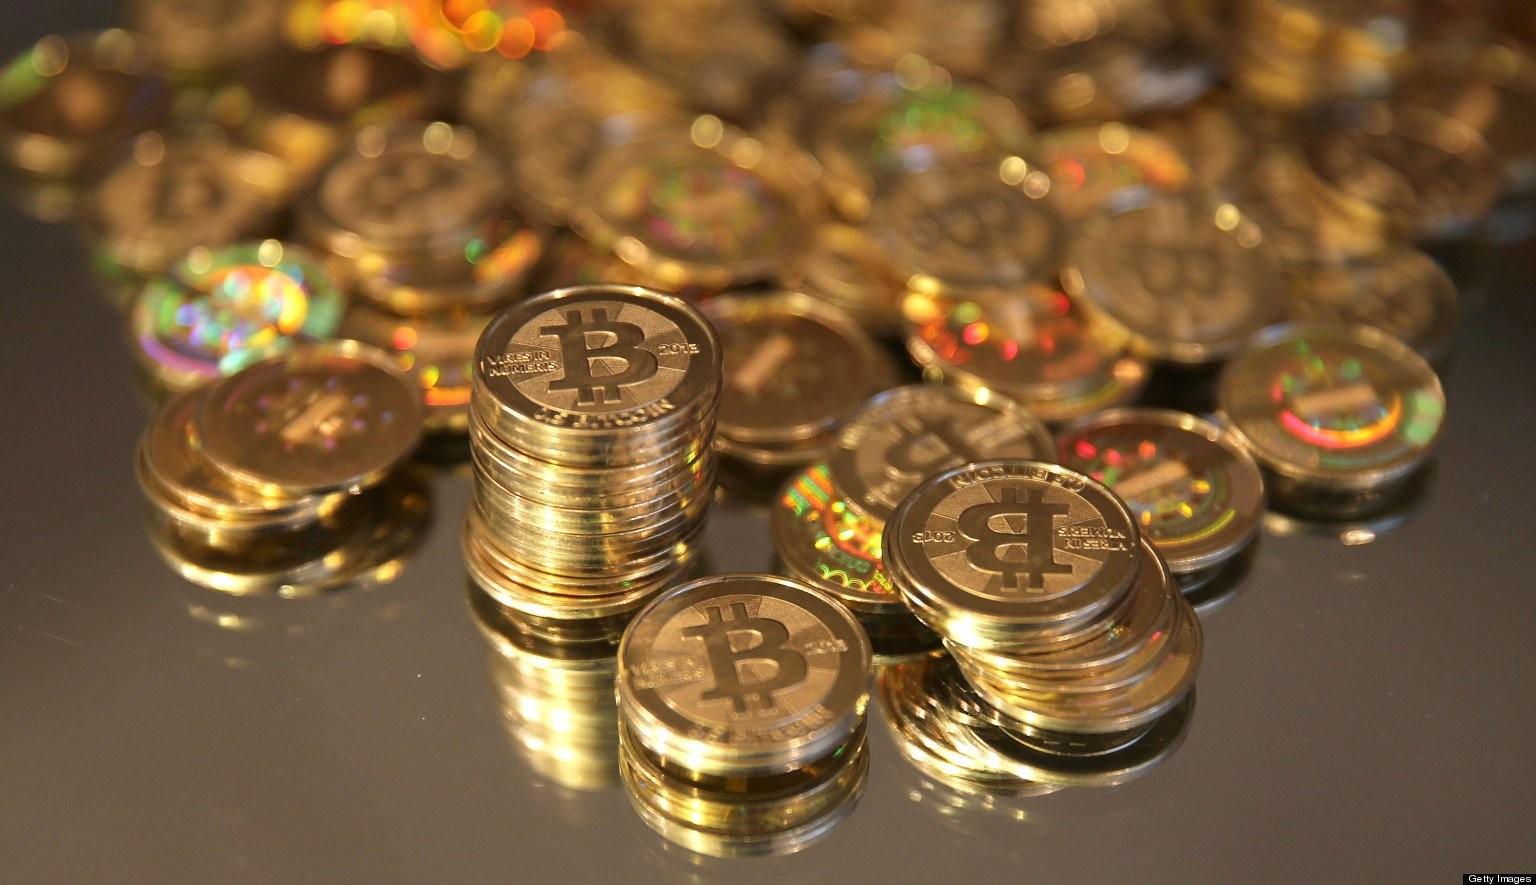 Курс биткоина вырос домаксимумов февраля позапрошлого года